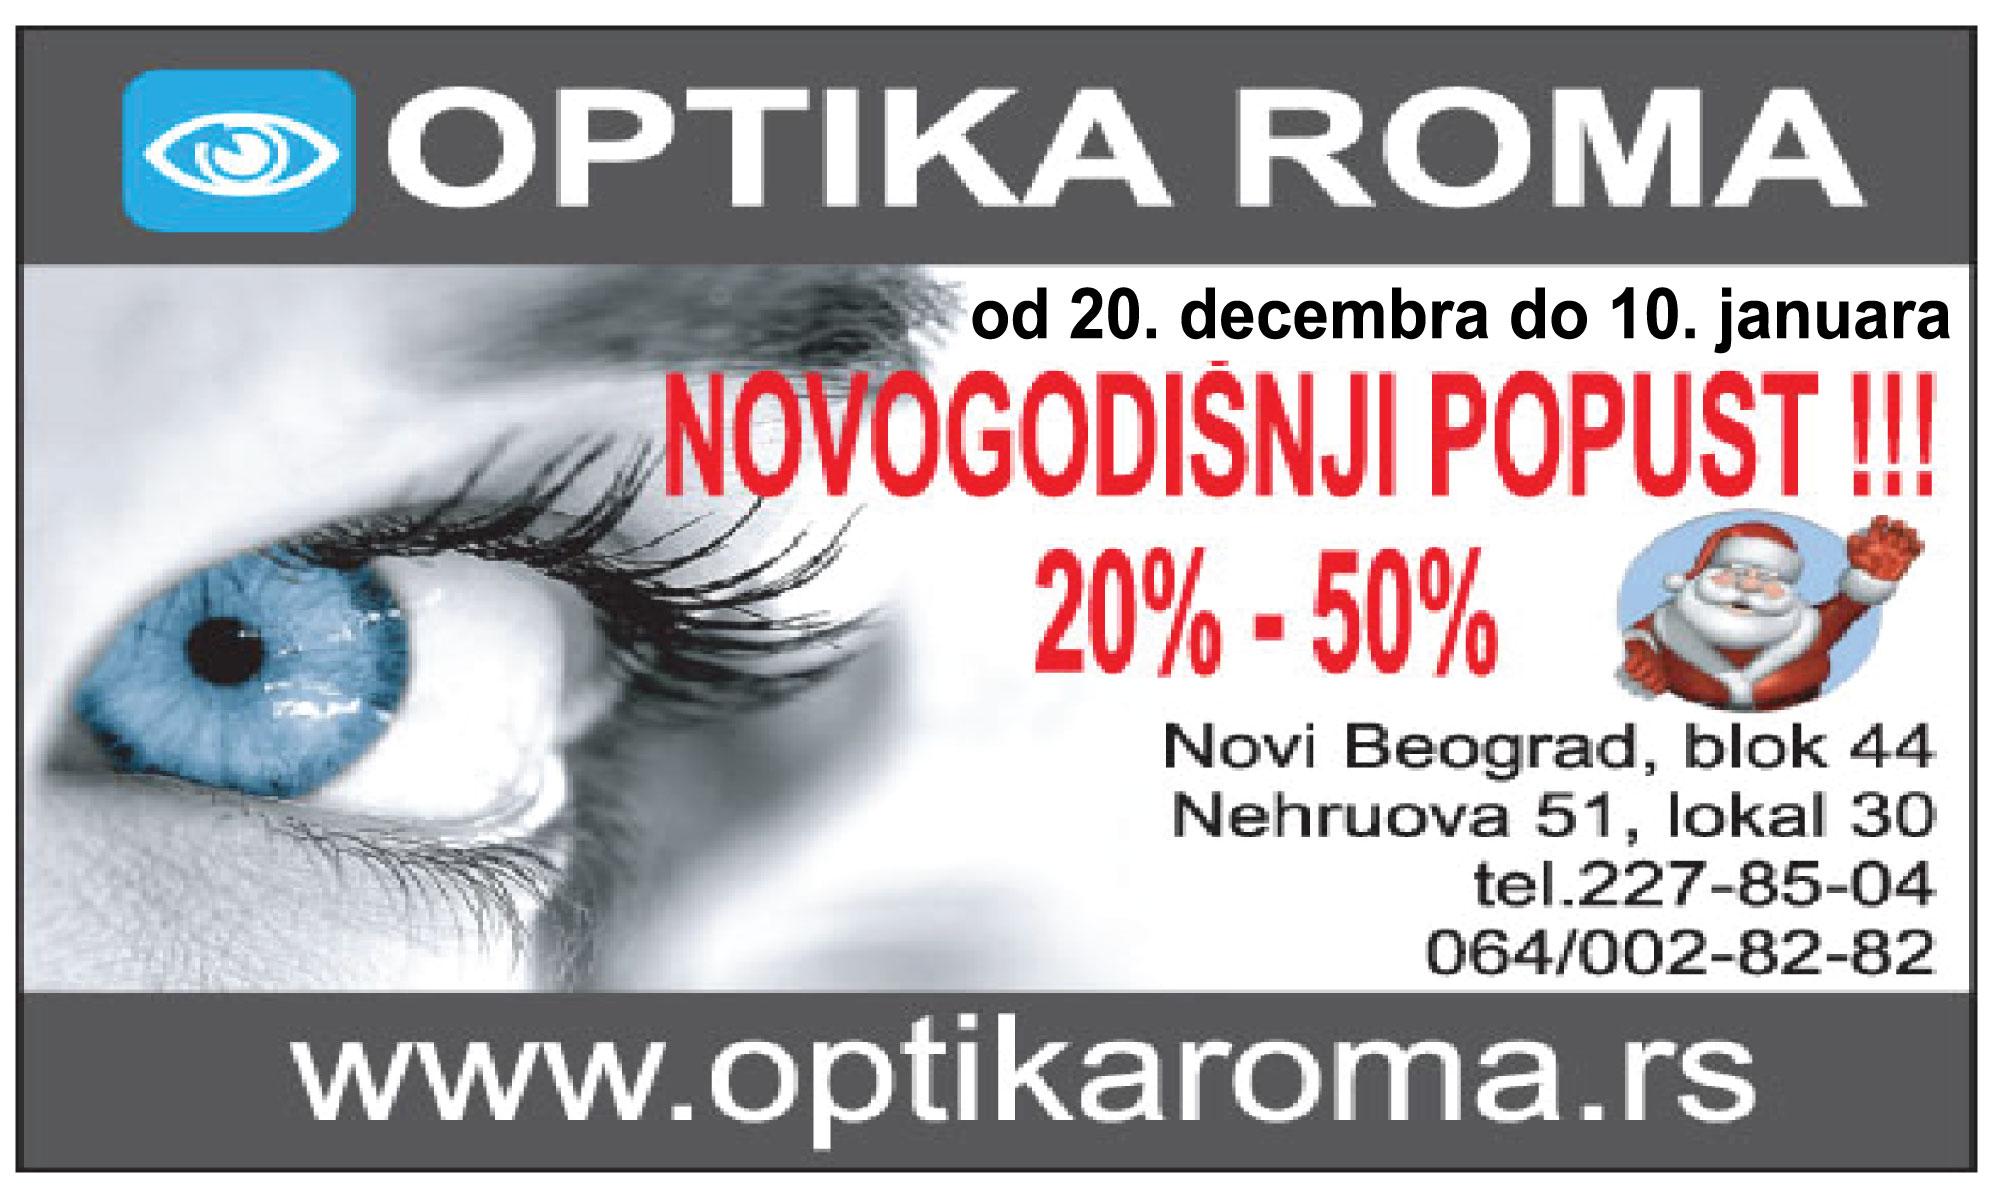 OPTIKA-ROMA-novibeograd-novibgd-blokovi-jurijagagarina-blok44-naocale-naocari-dioprija-pregled-oko-vid-poboljsanje-bolji-nevidimdobro-zaoci-mojabaza